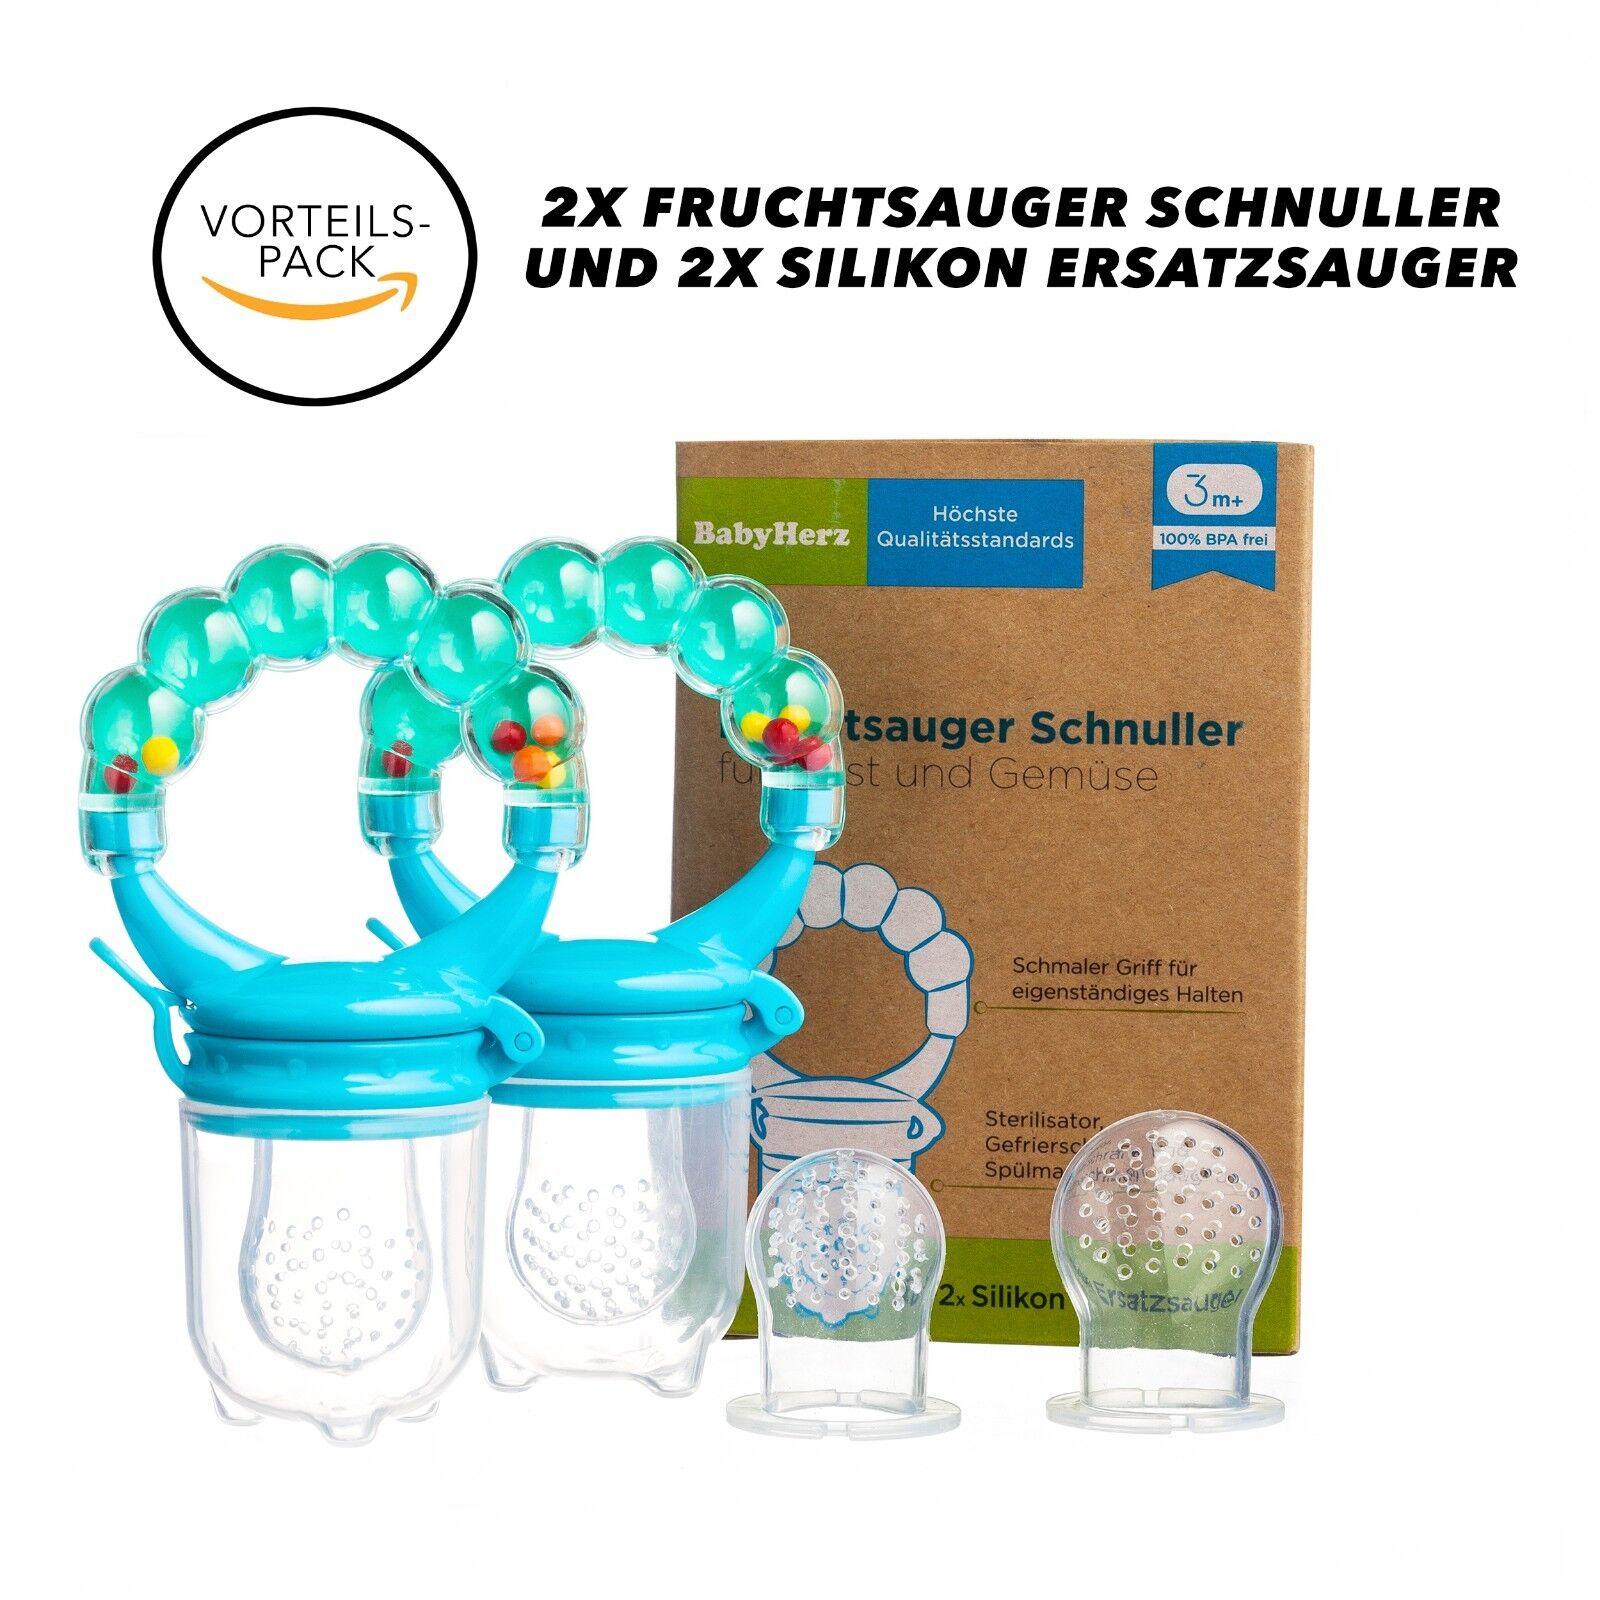 Fruchtsauger Schnuller für Obst - 100% BPA-frei Silikon - Baby VORTEILSPAKET